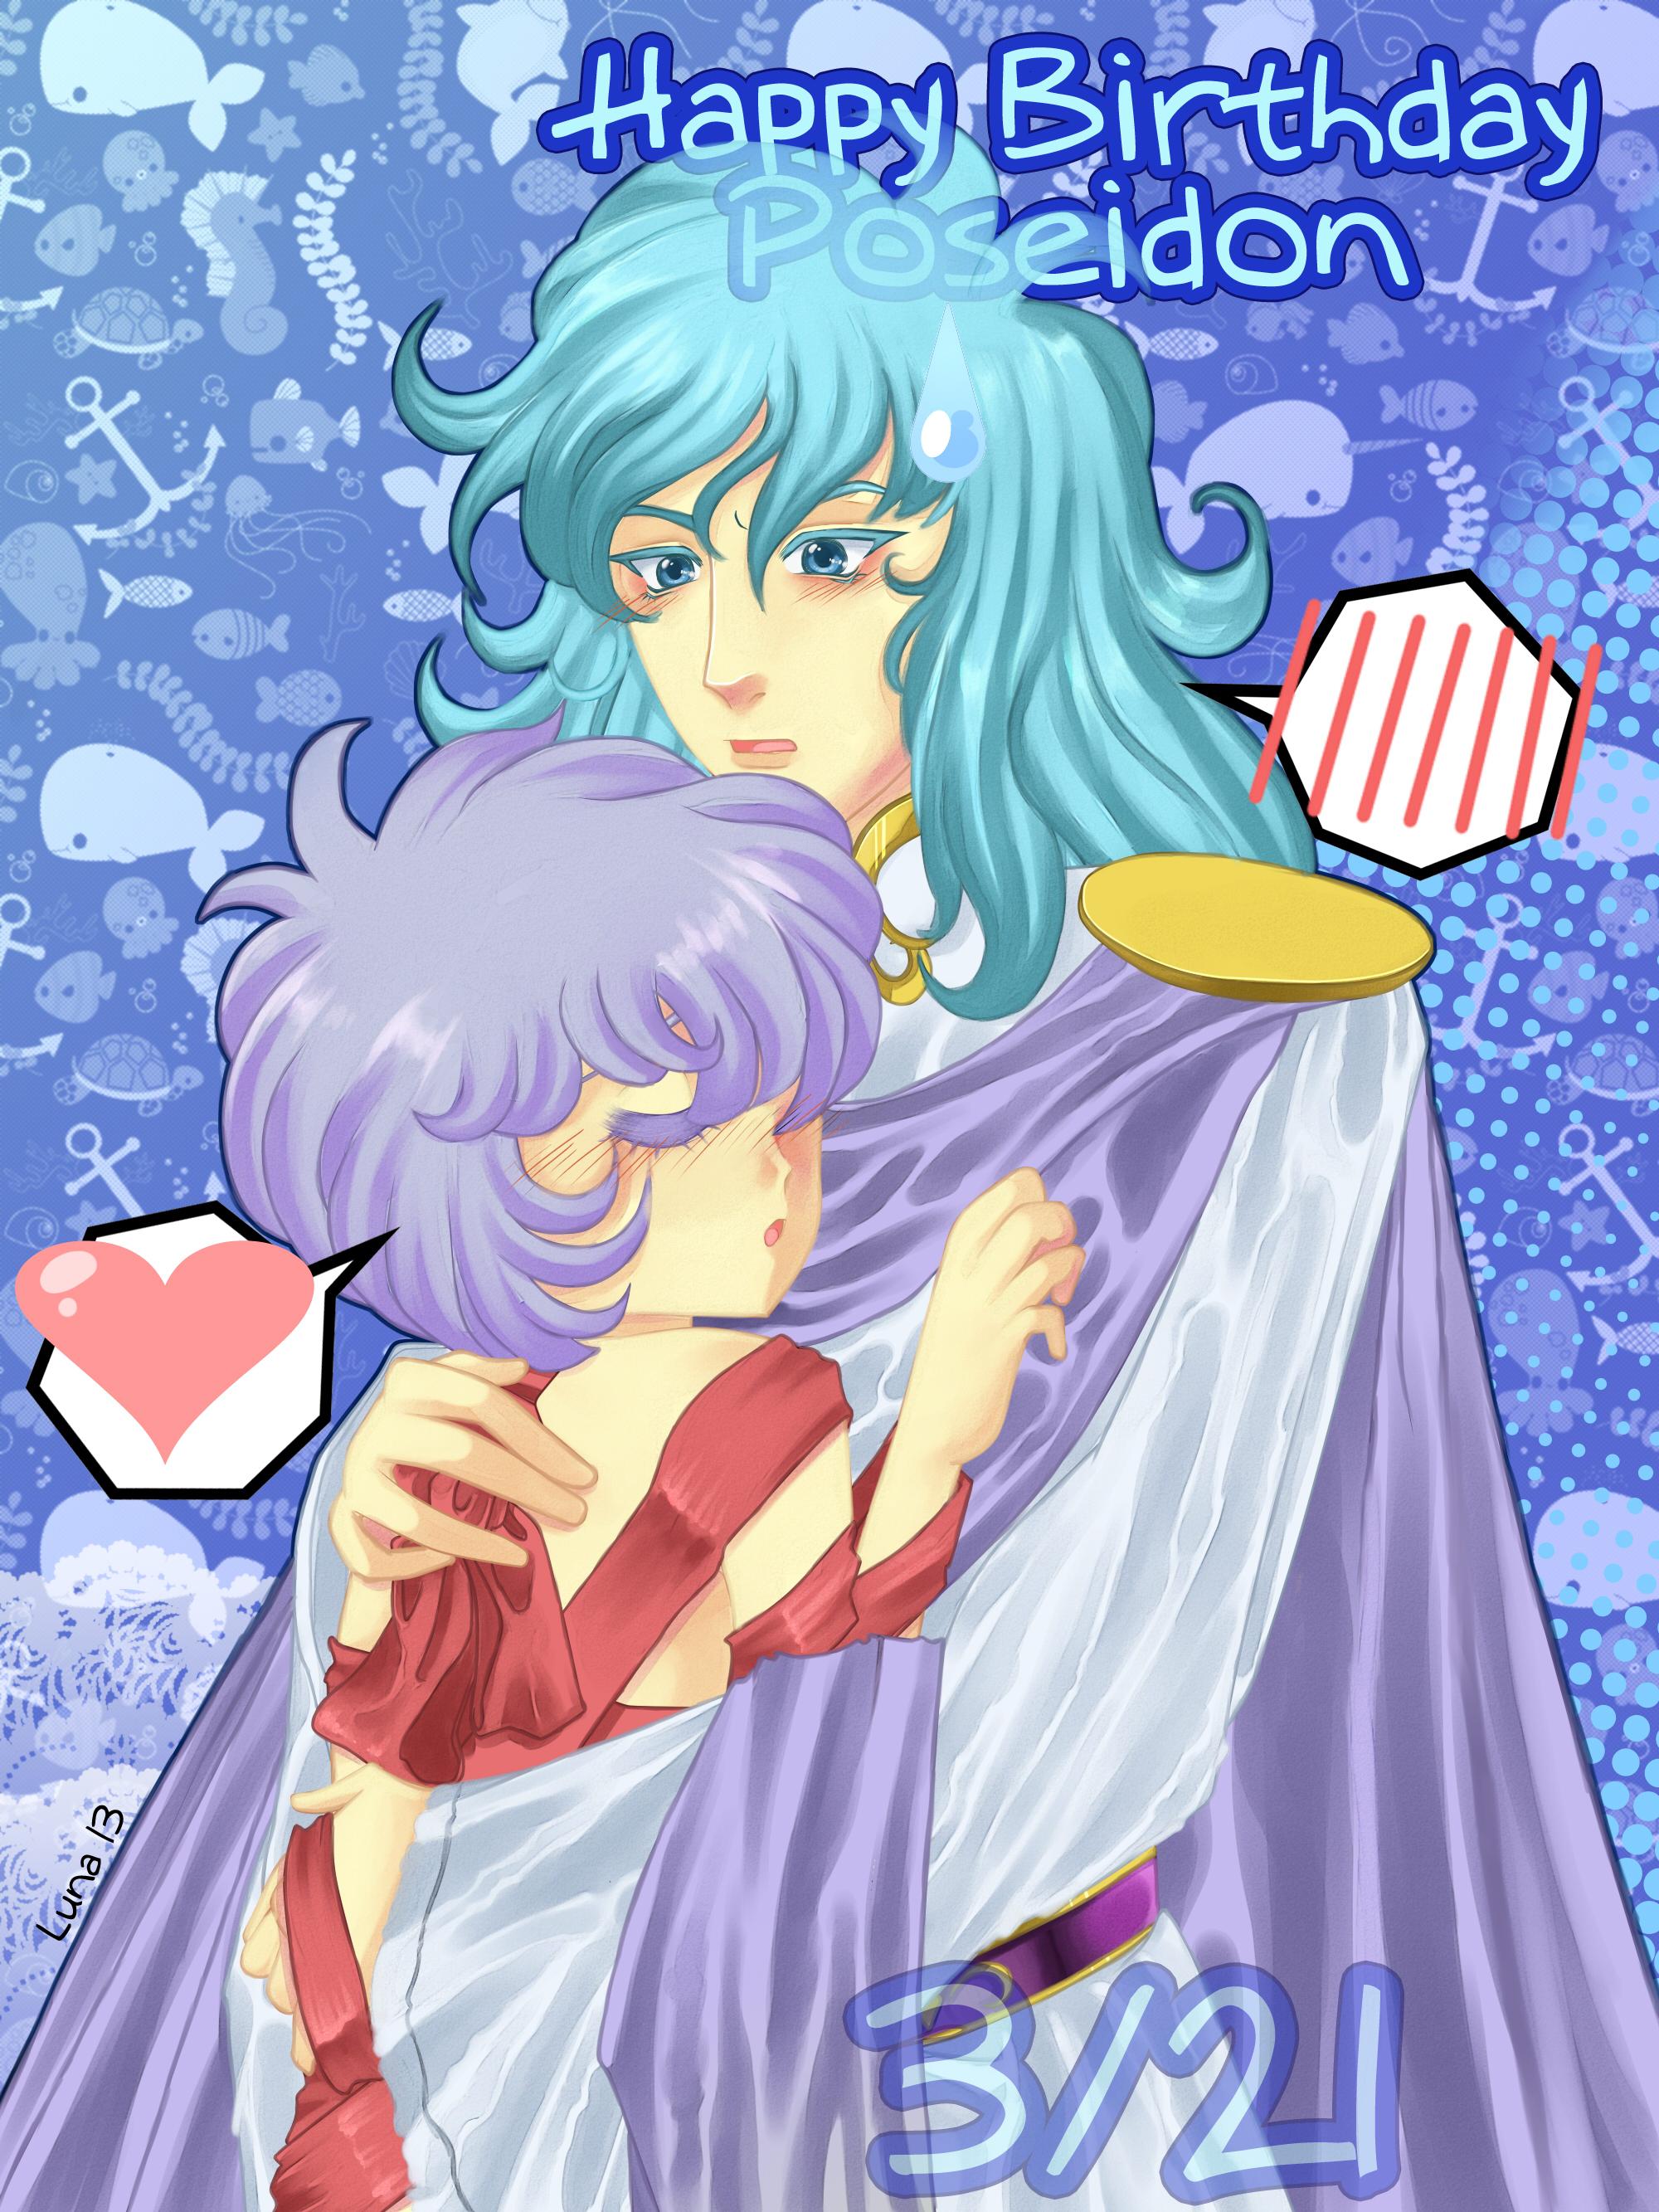 Poseidon (Saint Seiya) - Zerochan Anime Image Board